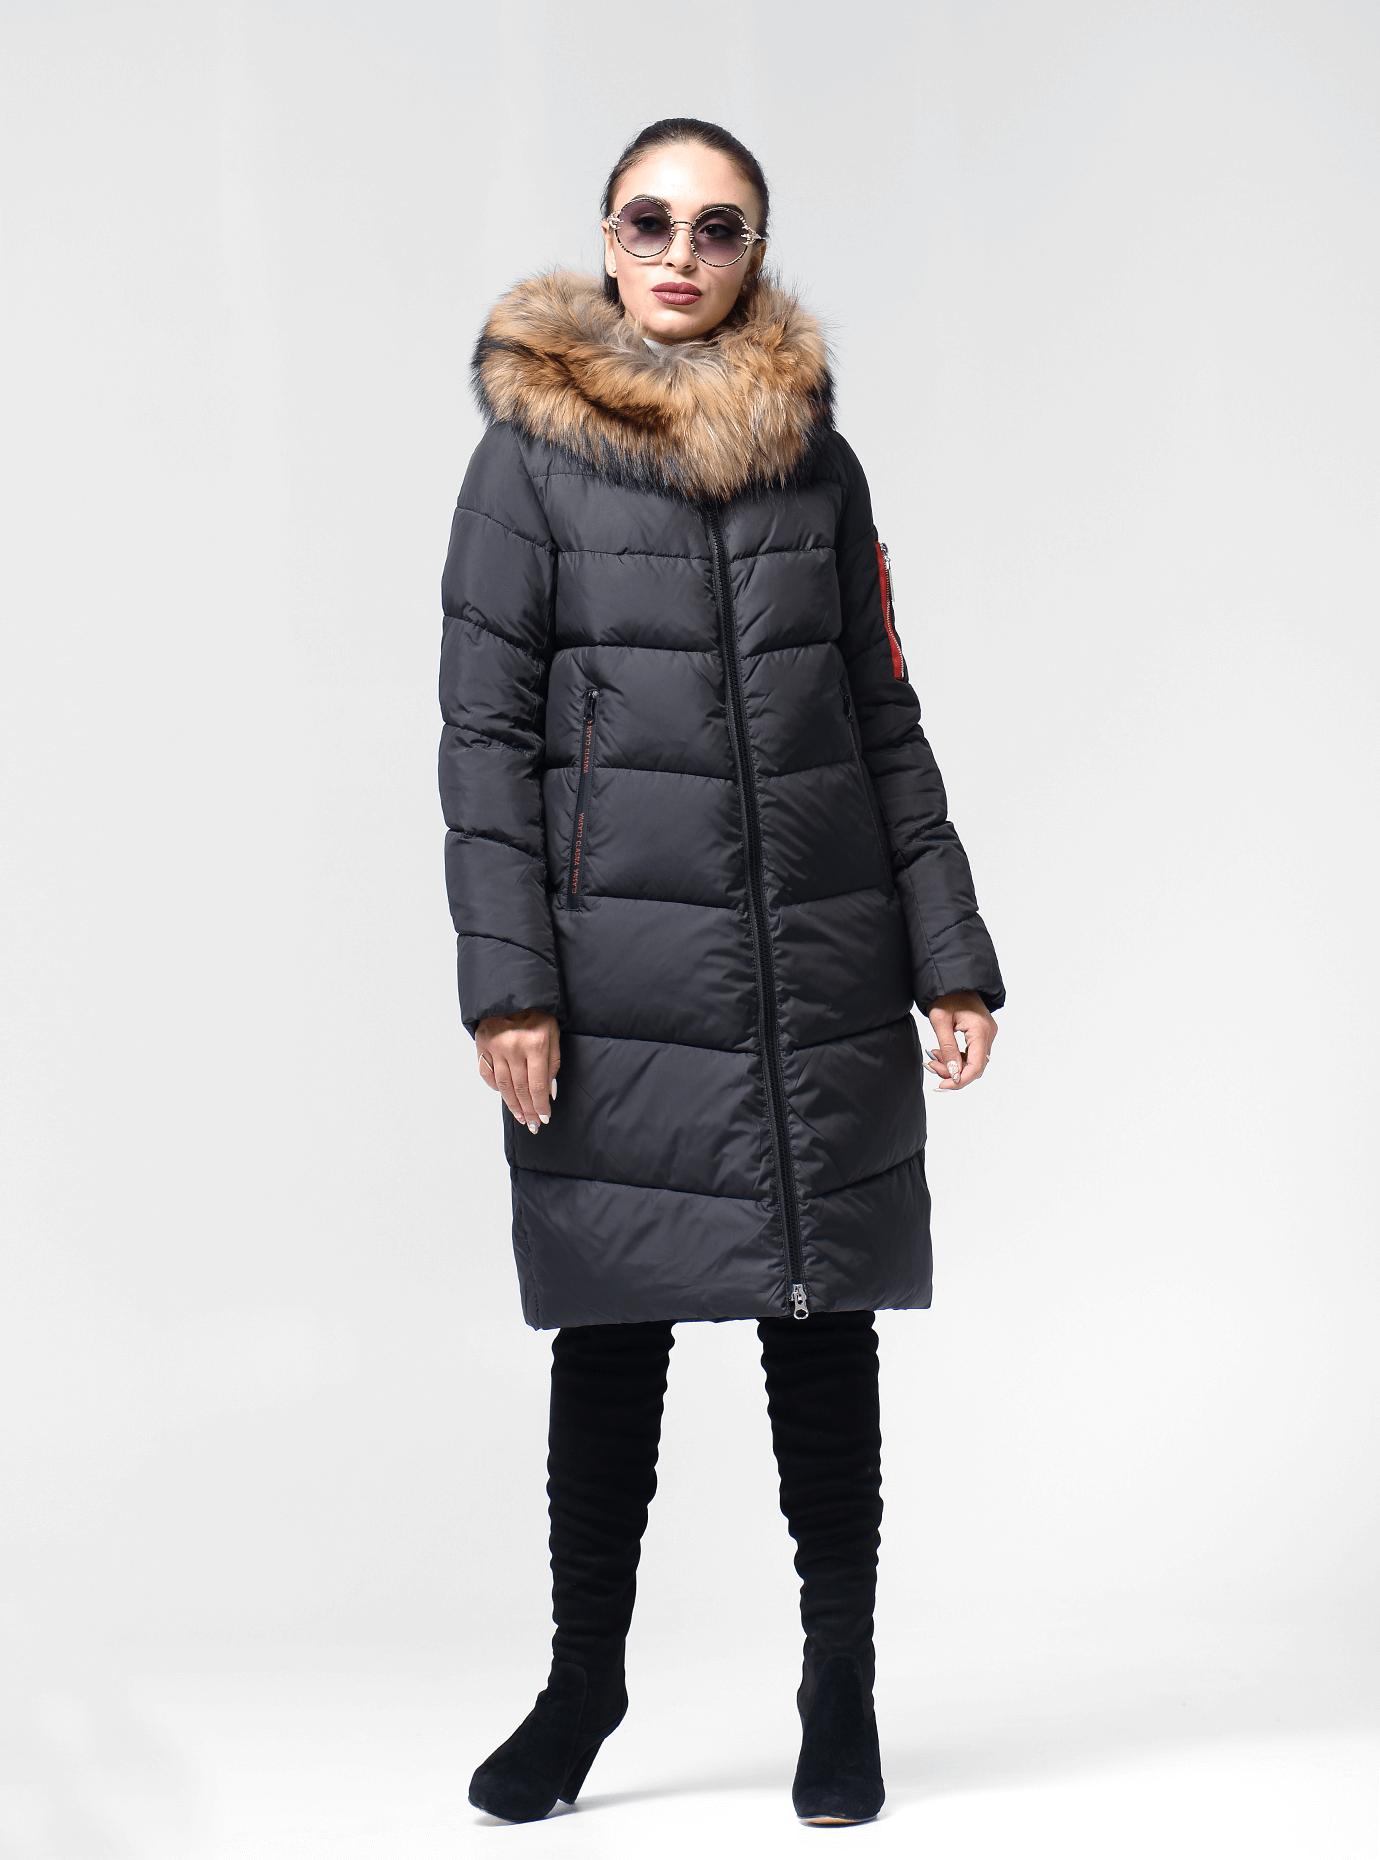 Женская зимняя куртка Чёрный S (02-190310): фото - Alster.ua